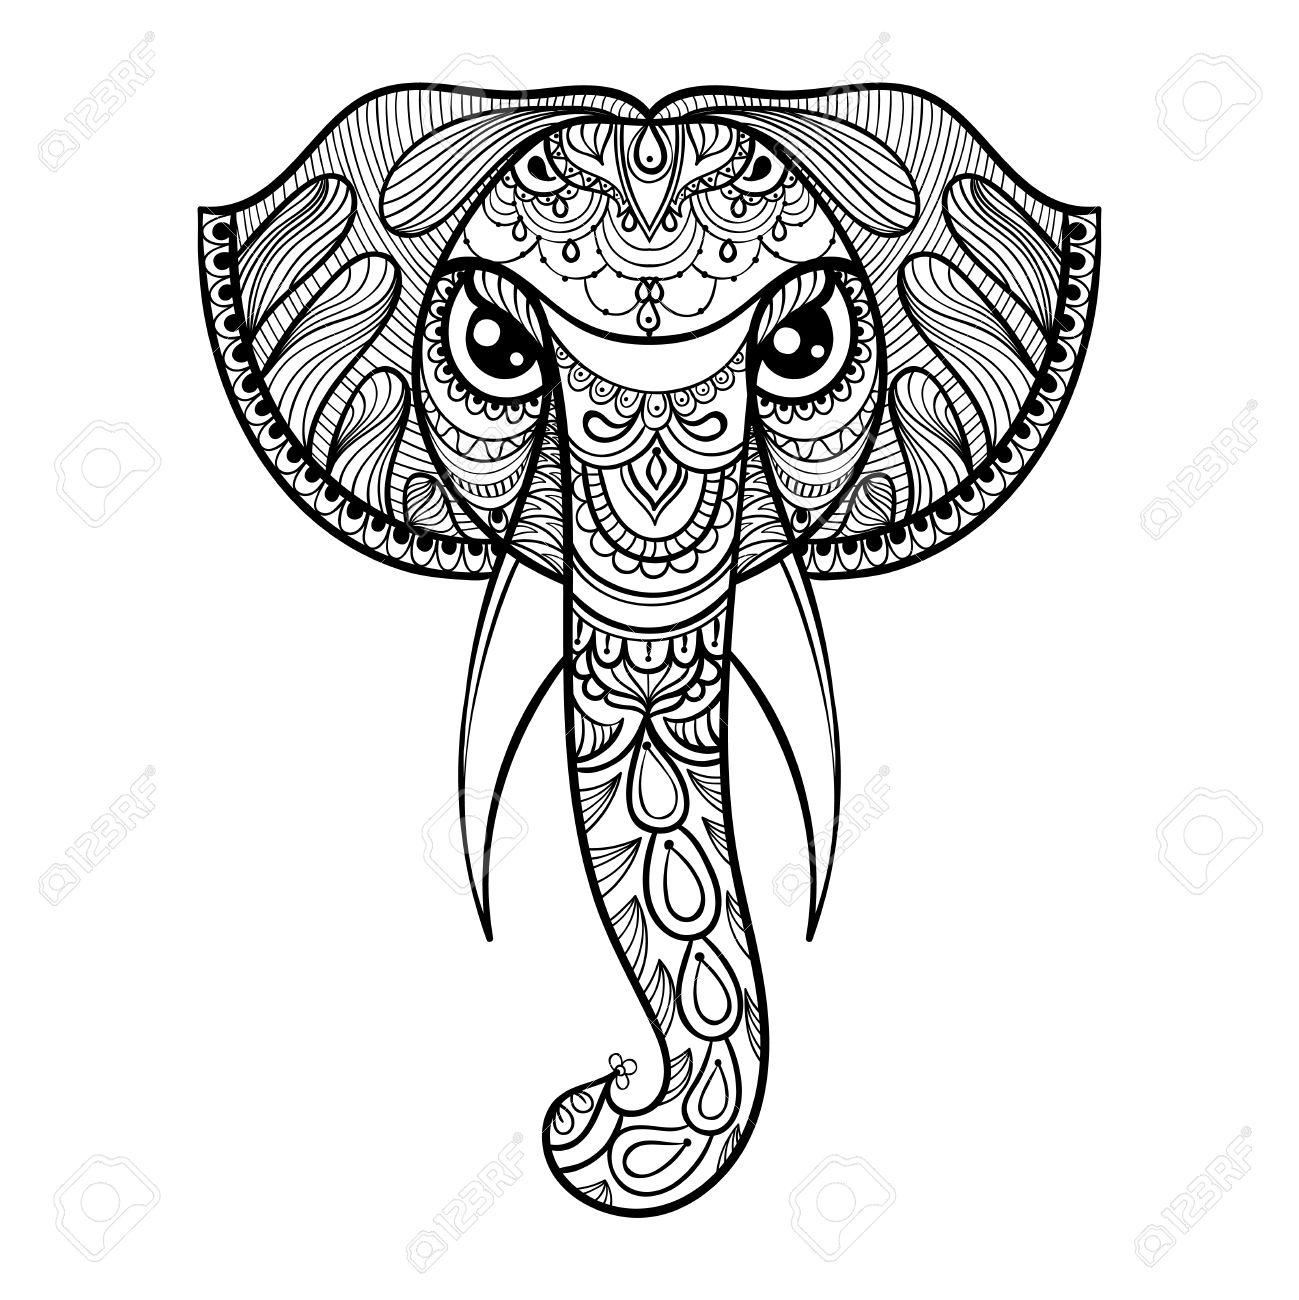 Vector Ornamental Cabeza De Elefante La Mascota Zentangled tnica